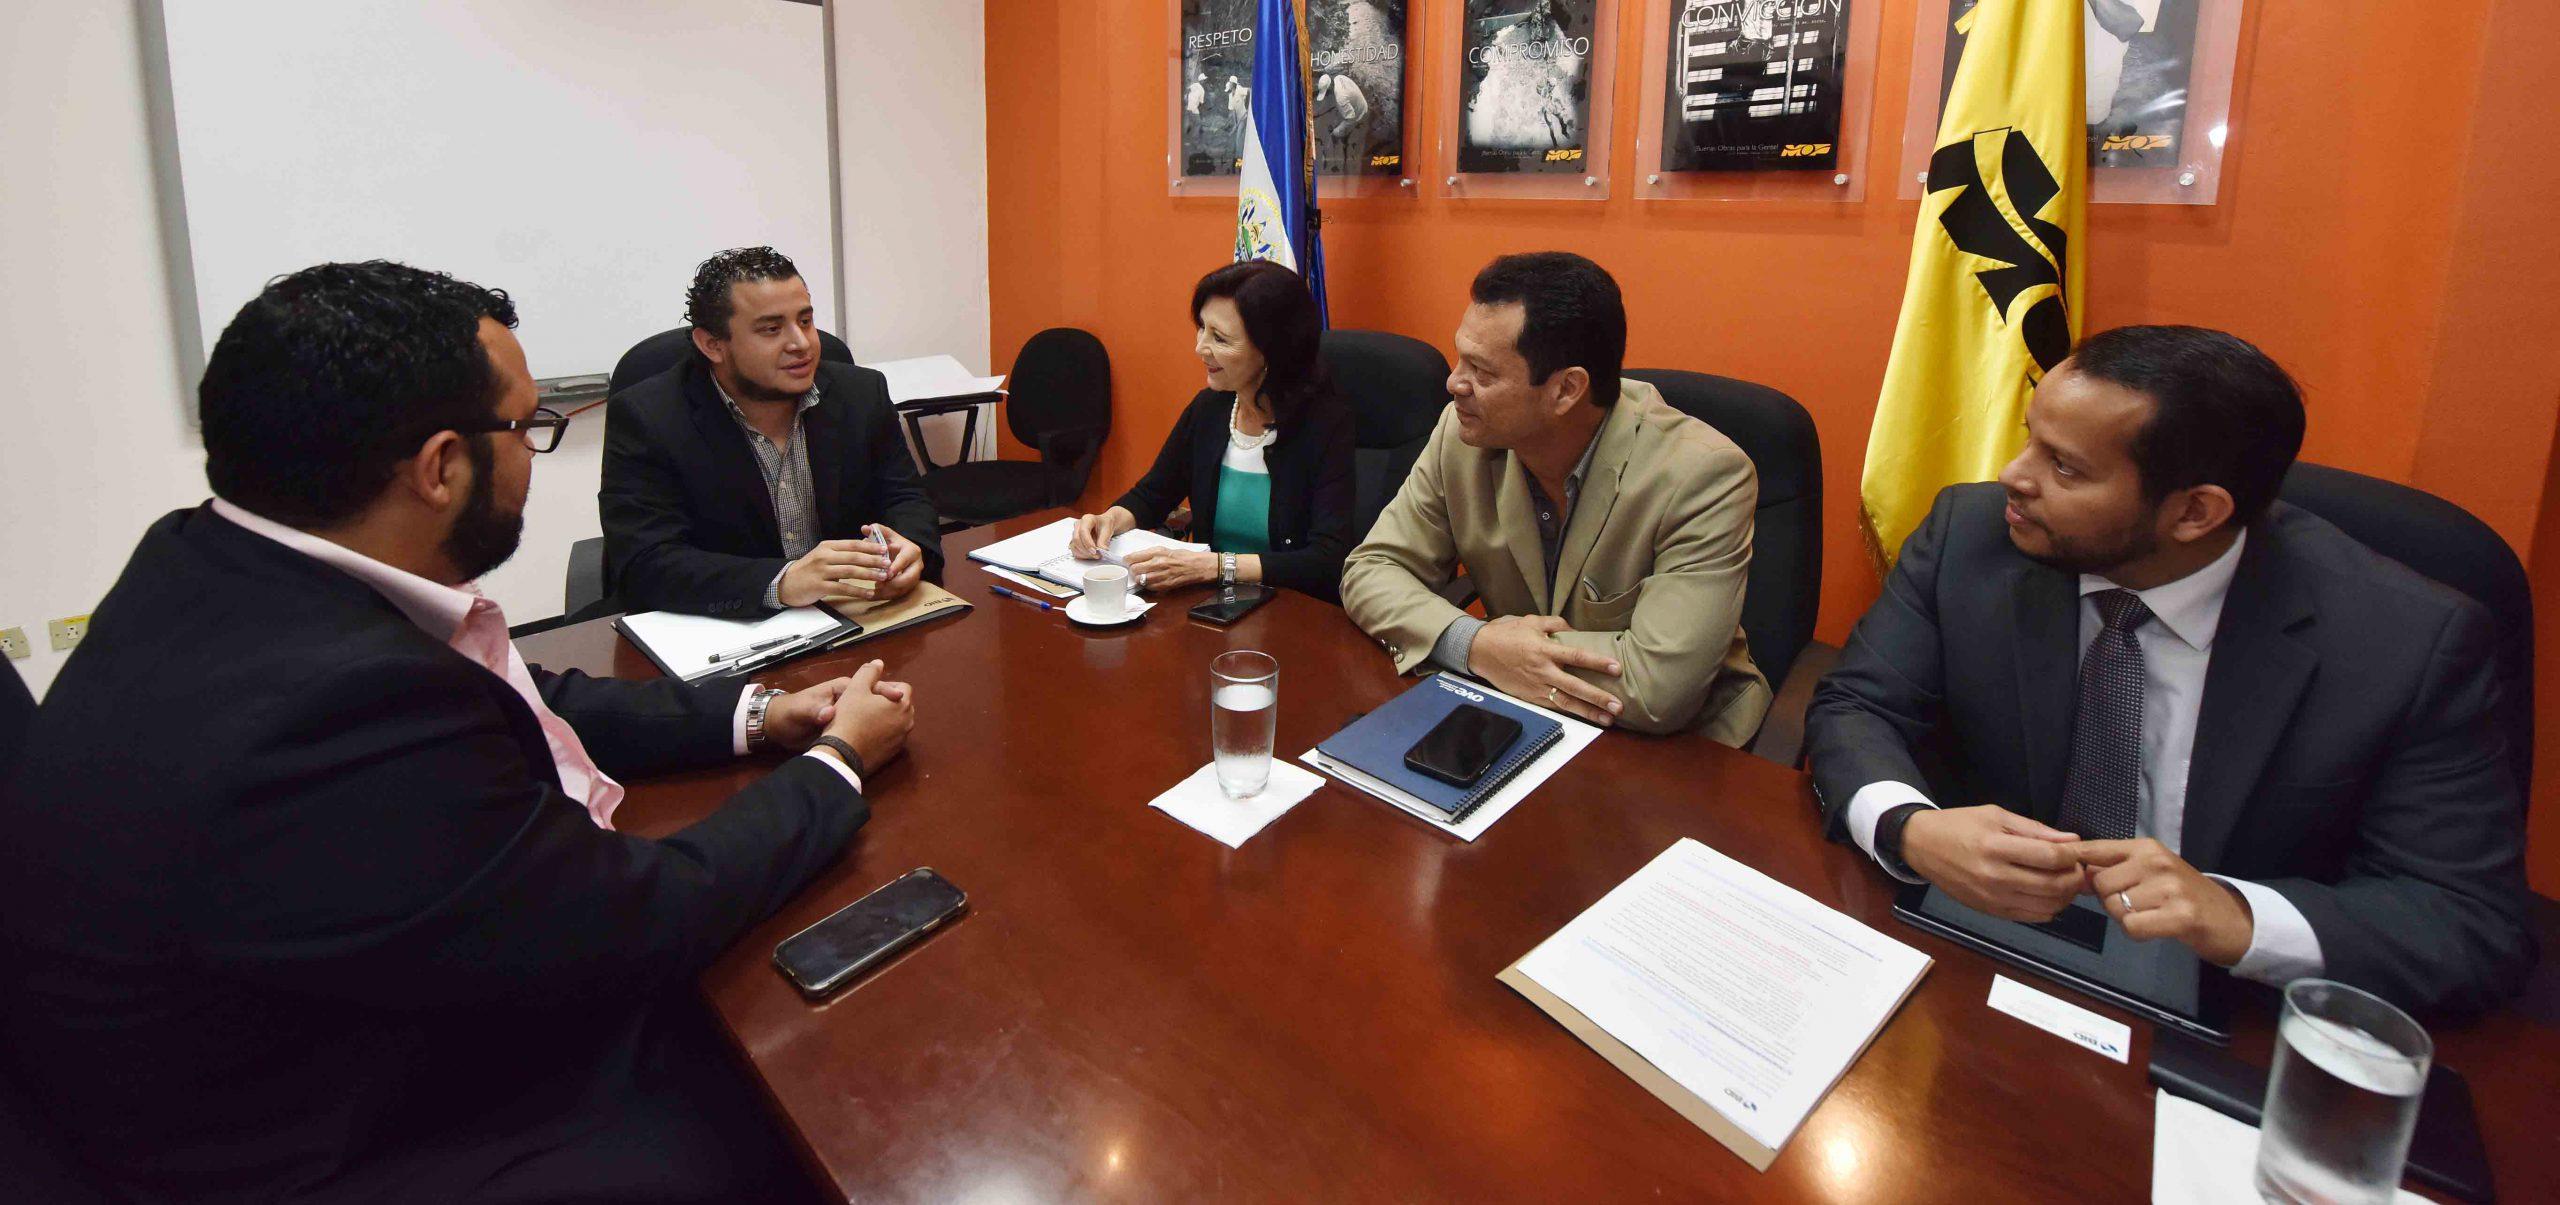 Ministro de Obras Públicas se reúne con organismos cooperantes BID y JICA